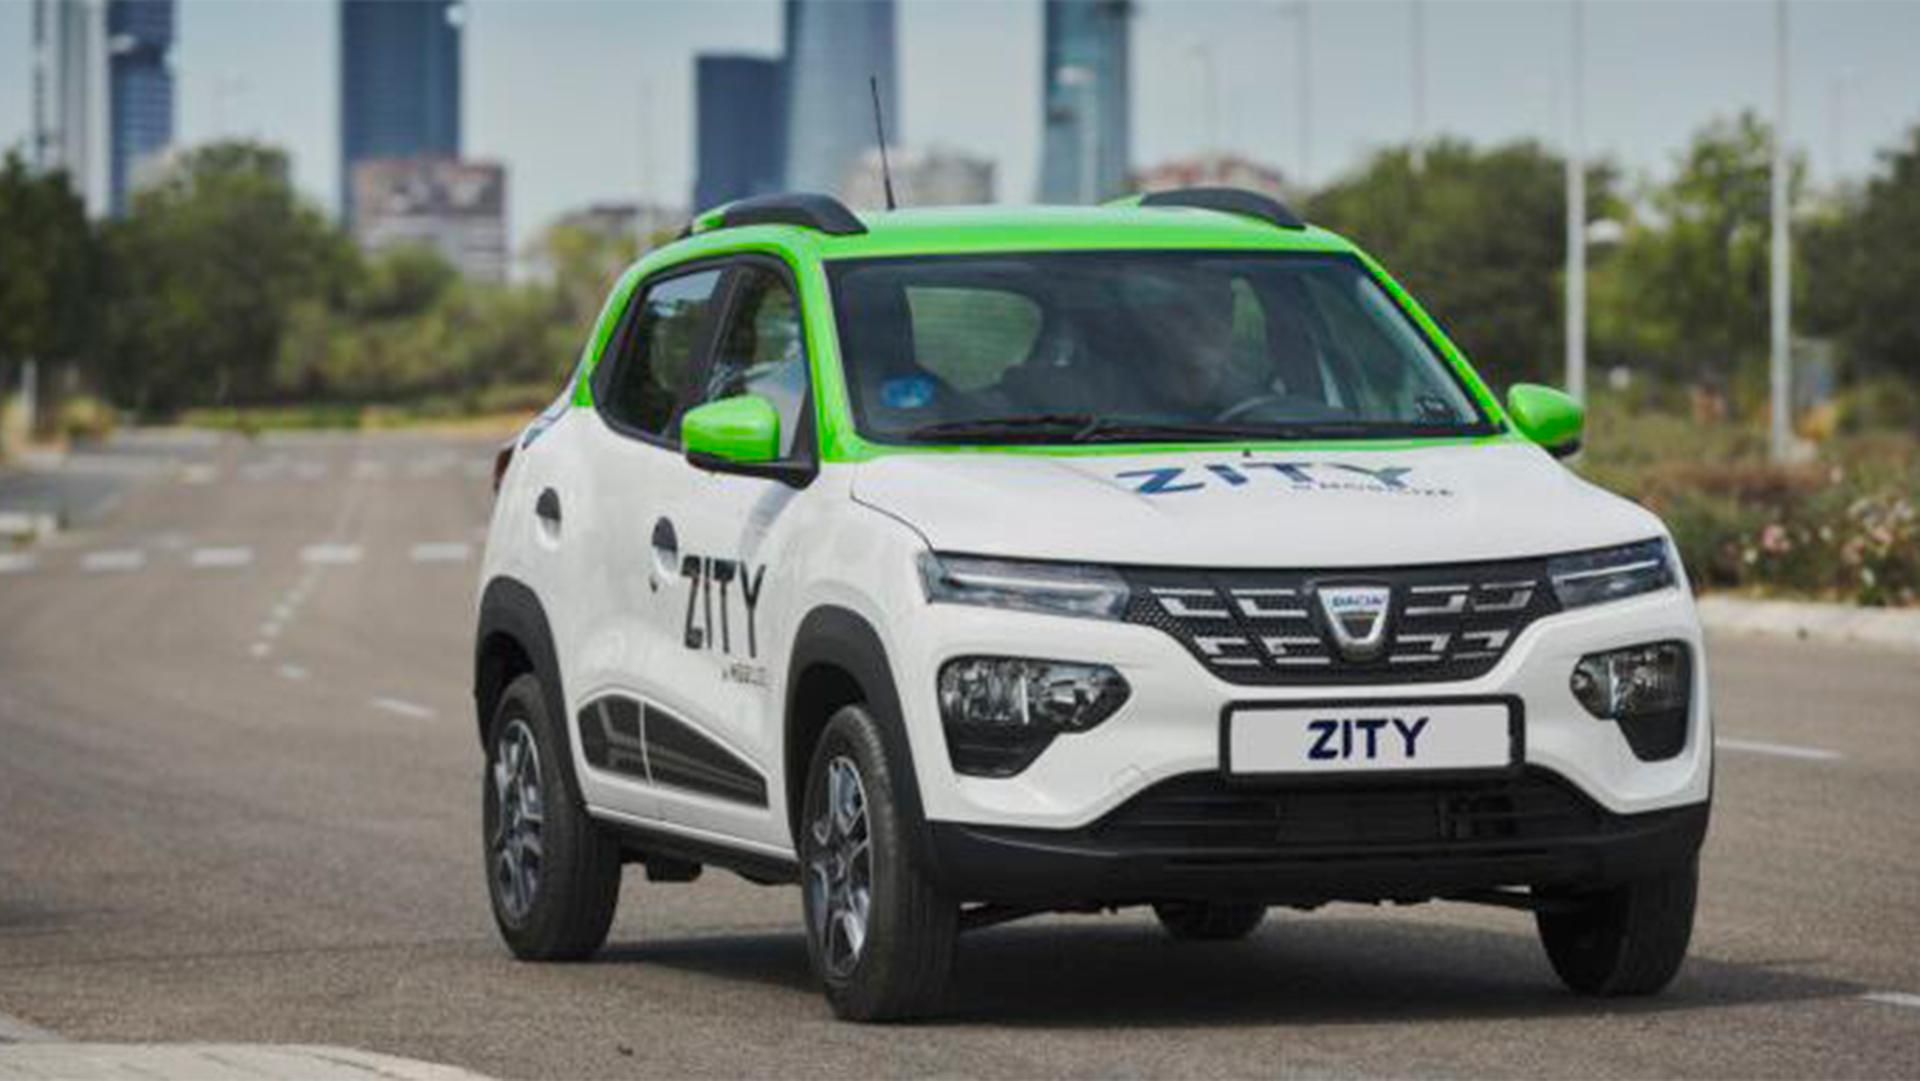 La empresa de carsharing Zity incorpora 250 Dacia Spring a su flota de vehículos en Madrid